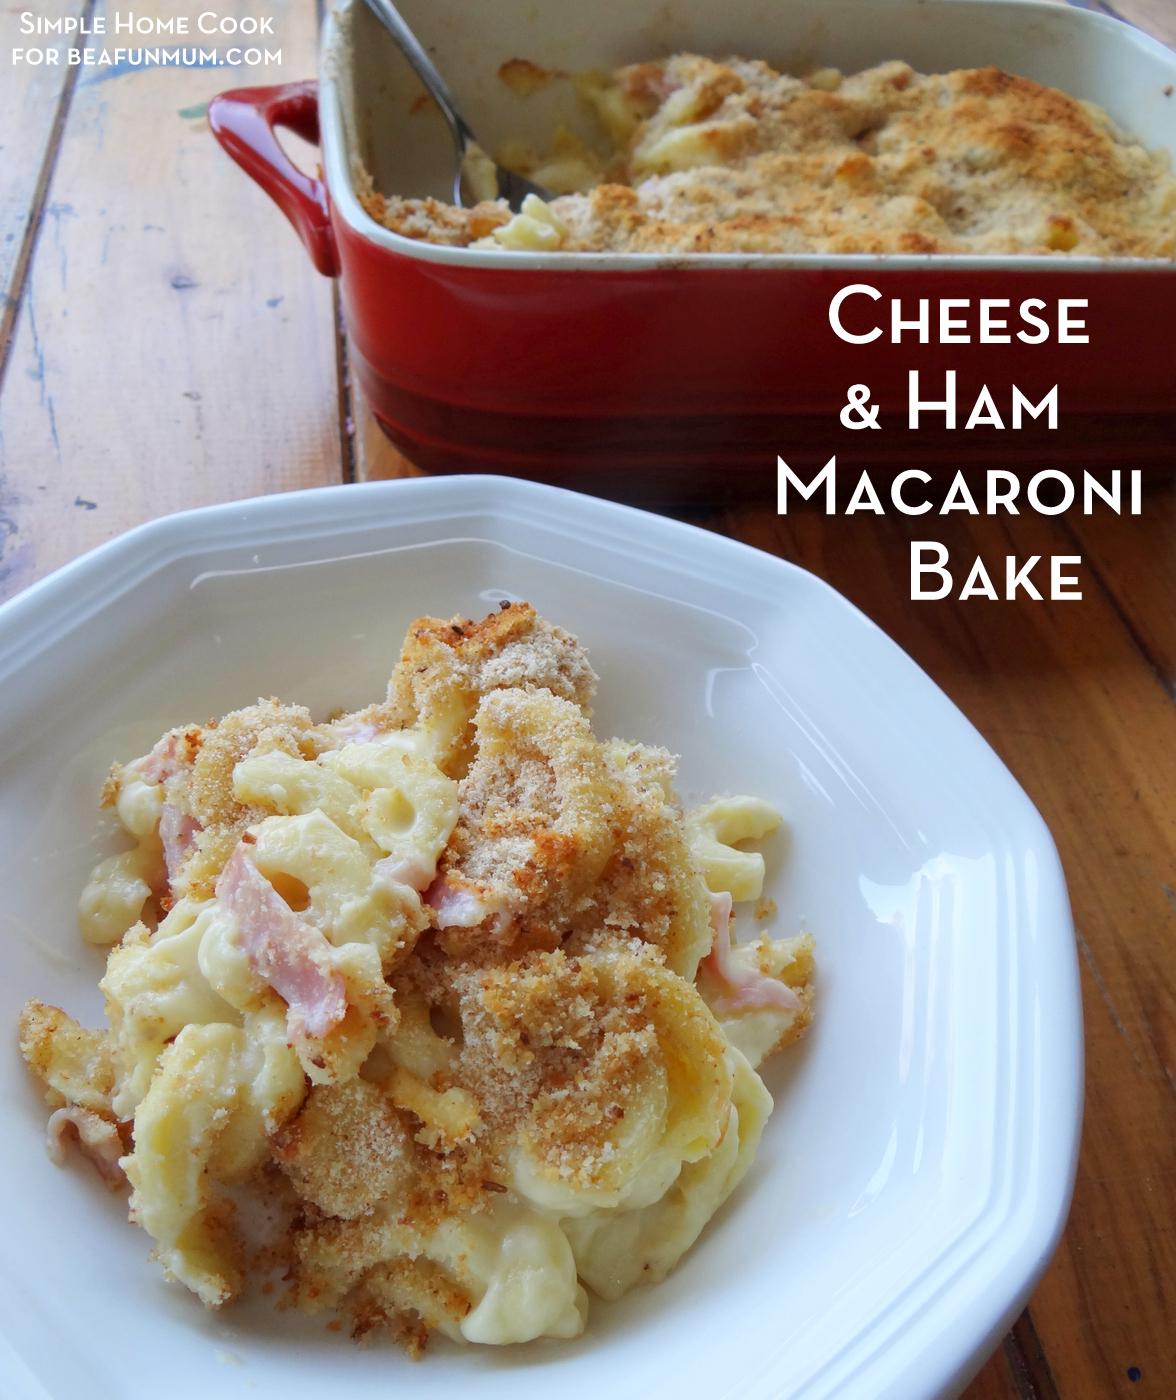 Ham & Cheese Macaroni Bake